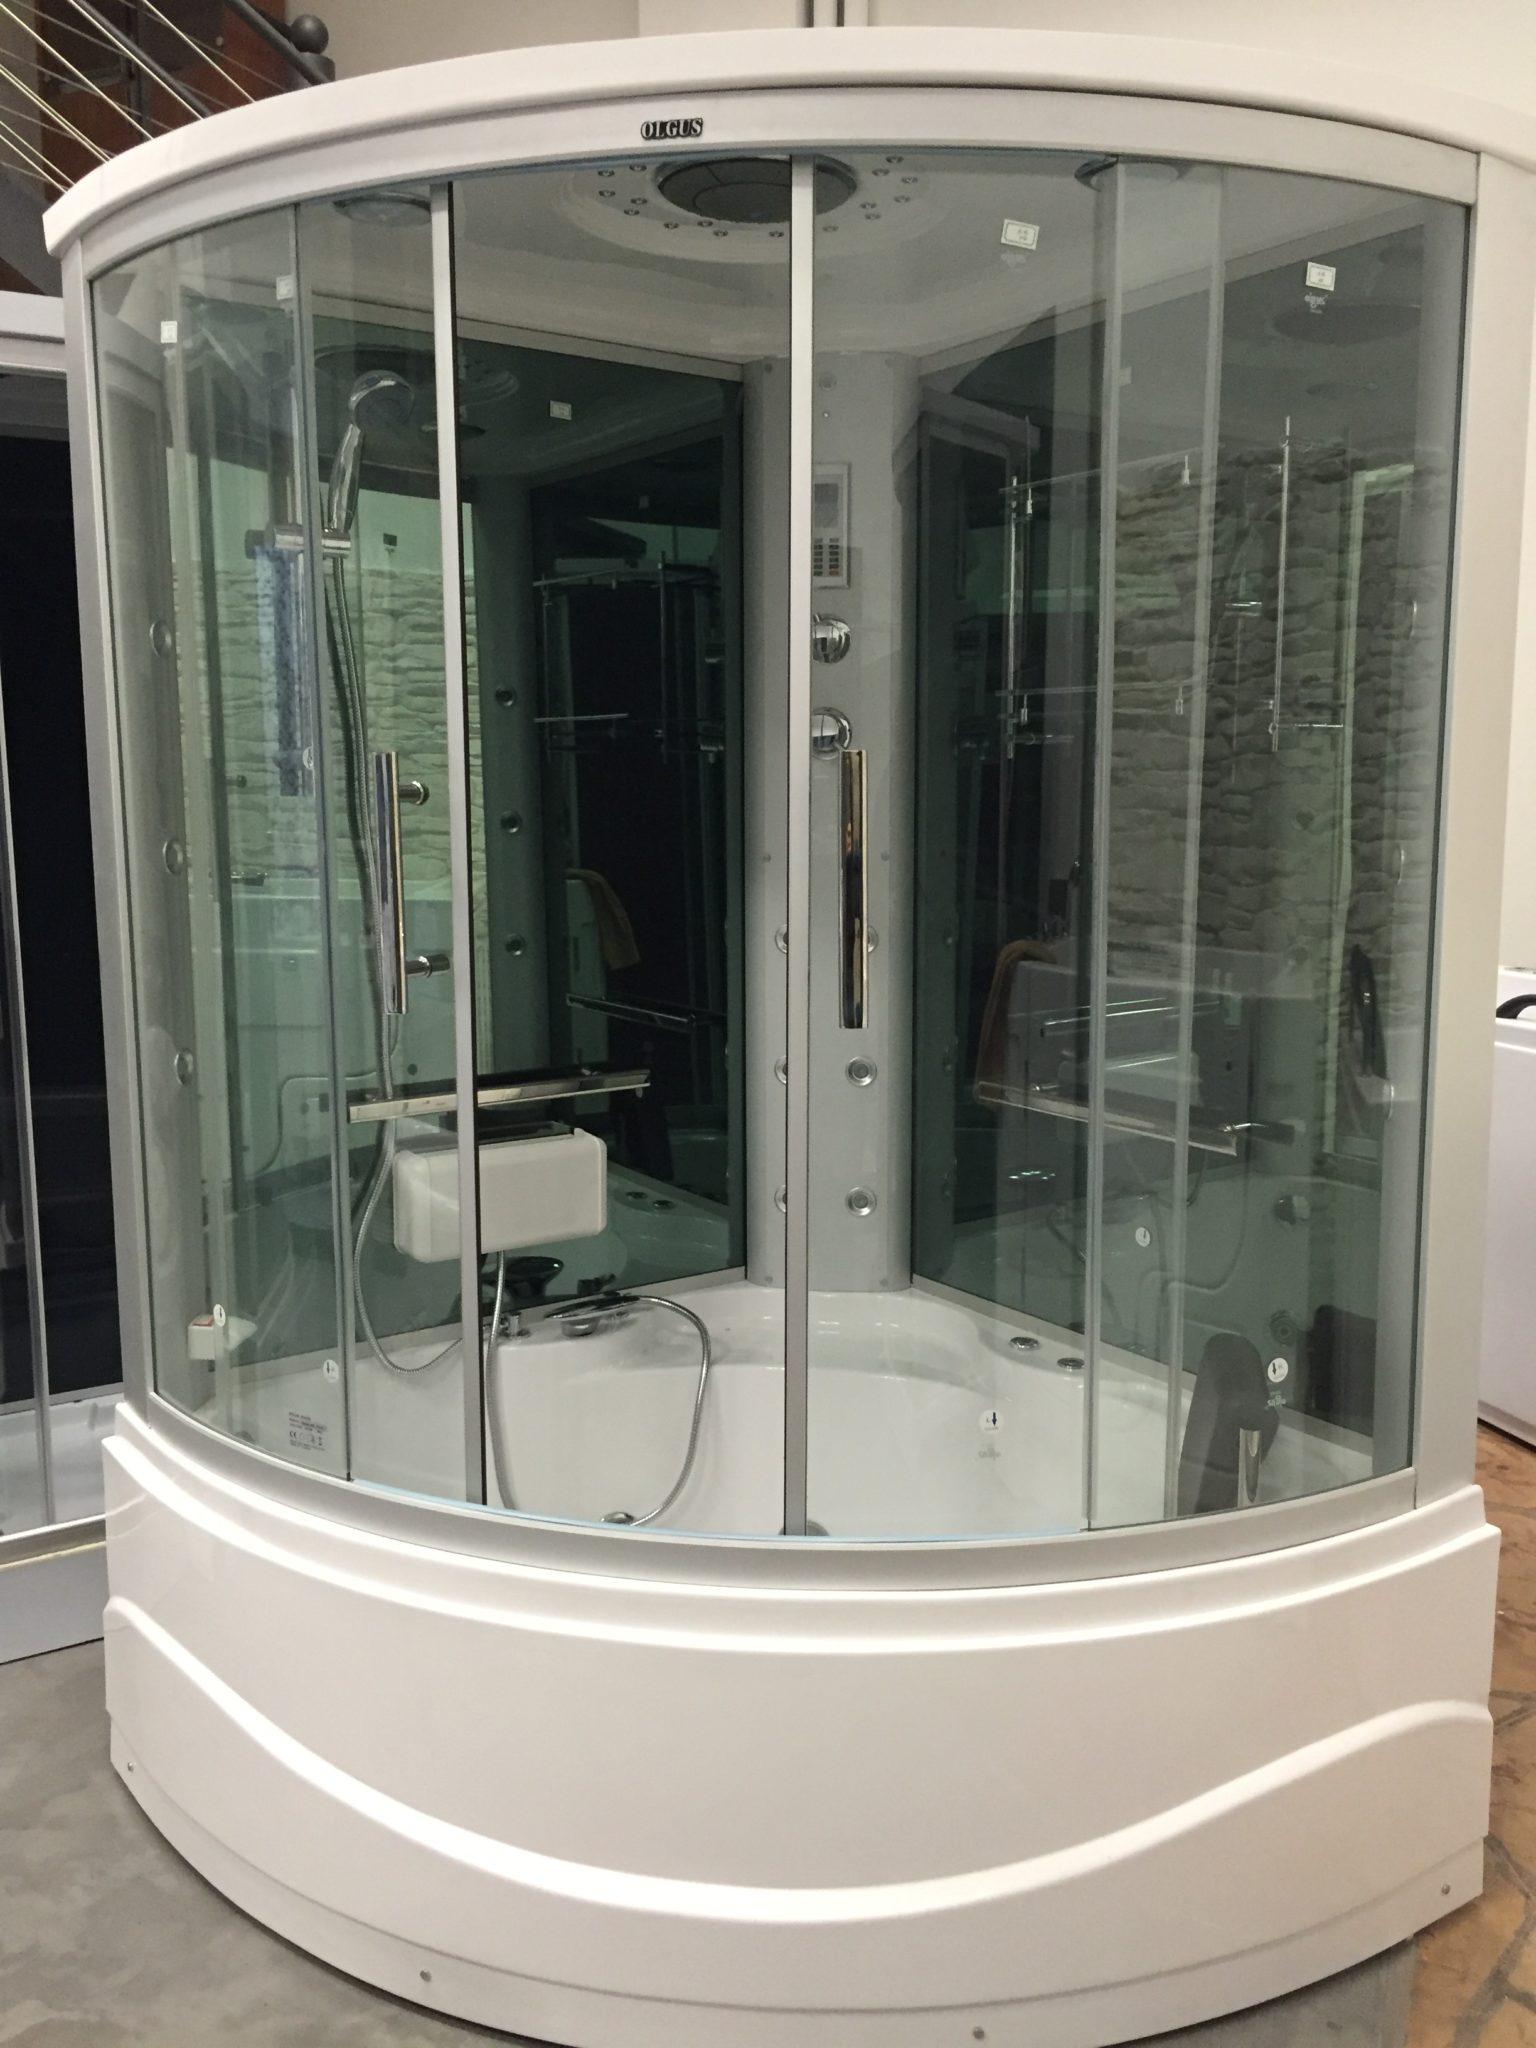 Cabina doccia con vasca idromassaggio due posti for Doccia solare da giardino leroy merlin